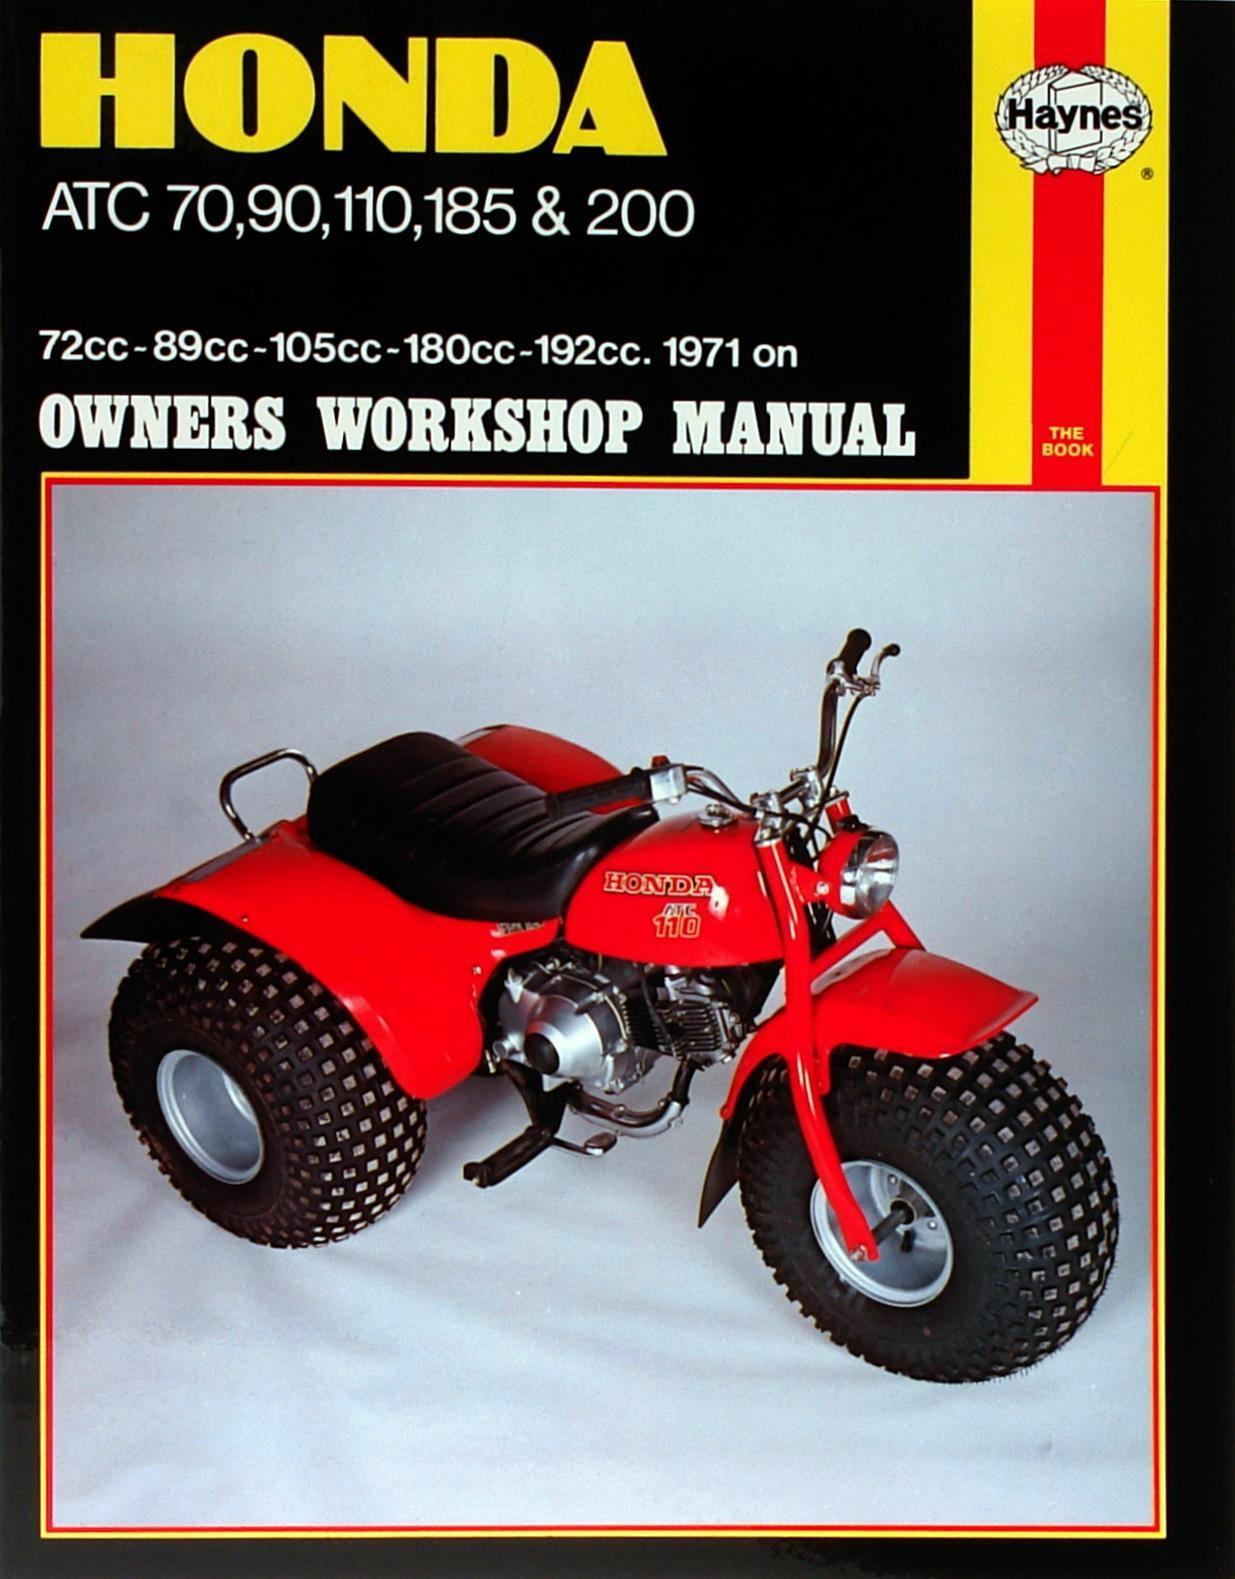 Repair Manuals for sale in Fredericksburg, VA | Morton's BMW Motorcycles  (540) 891-9844